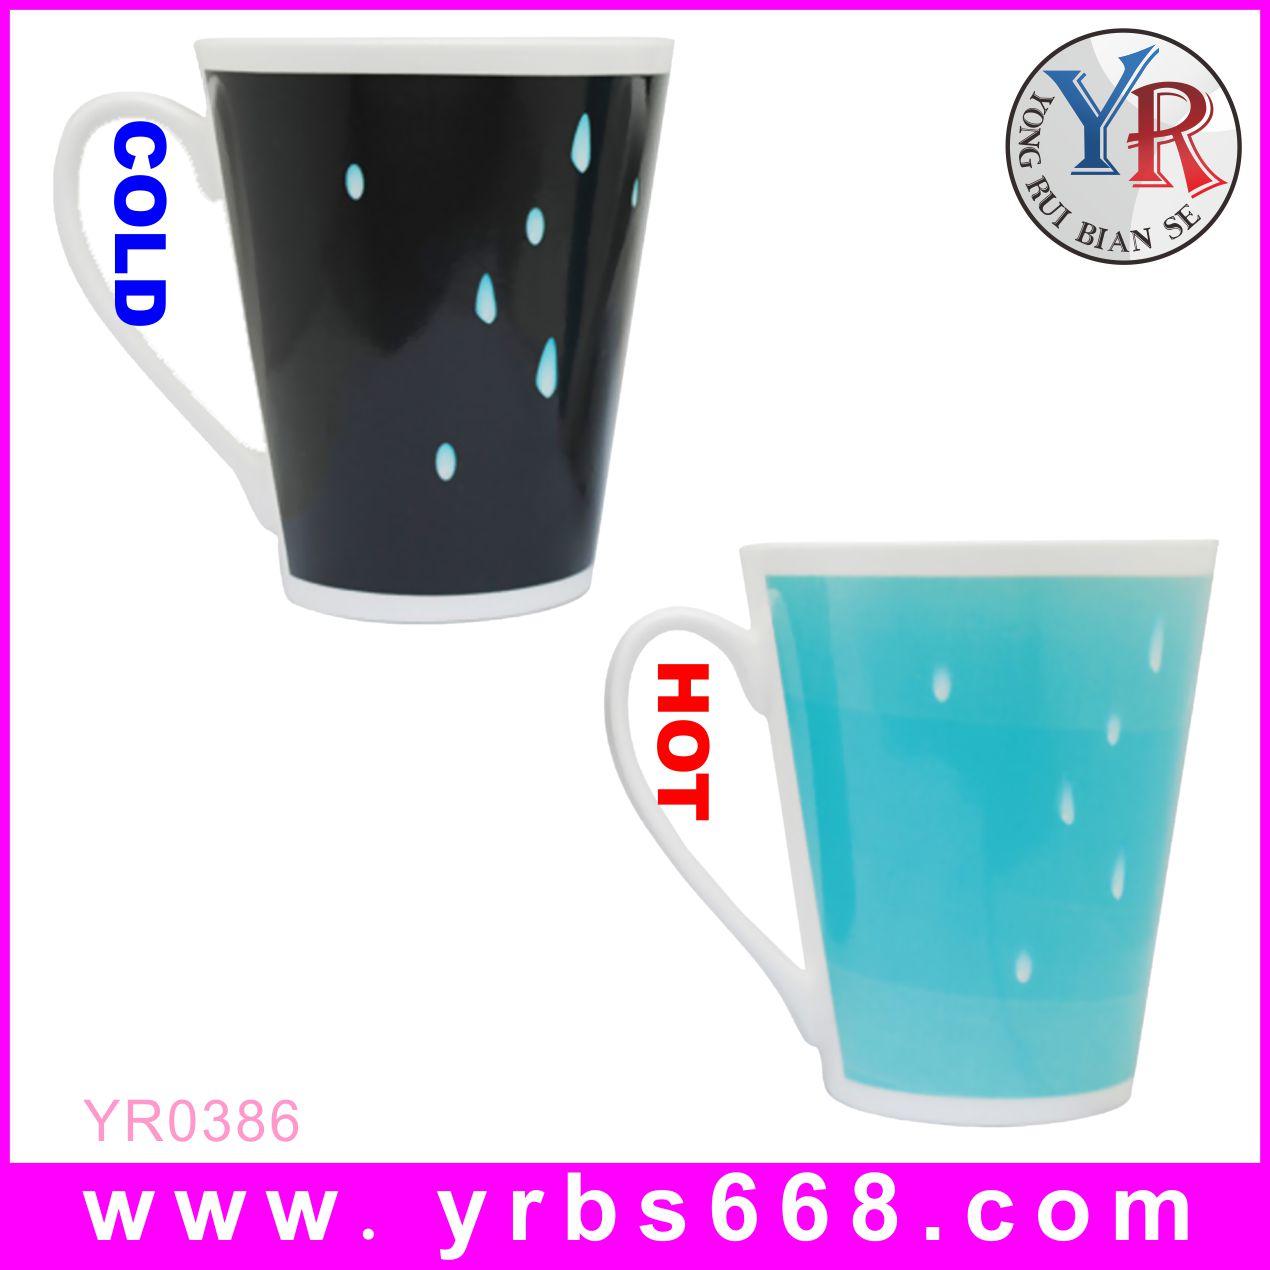 Color Changing Mugs Shenzhen Yong Rui Bianse Arts Amp Crafts Co Ltd